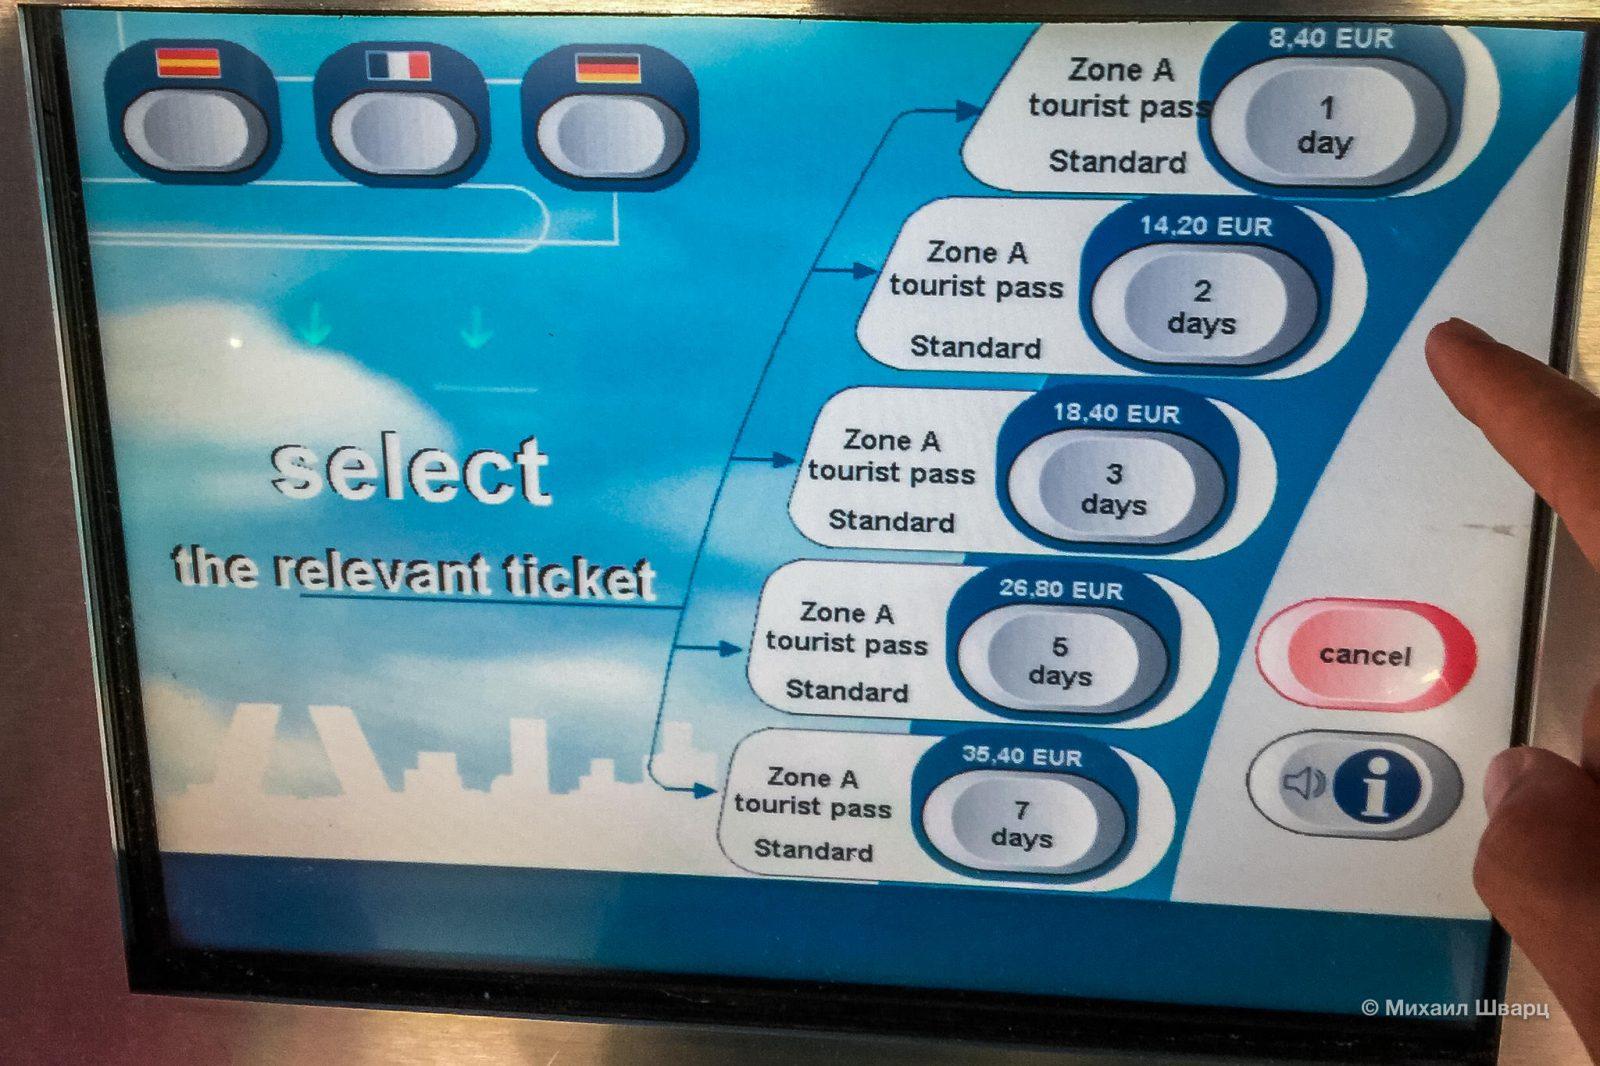 или выбираем туристический билет на 1, 2, 3, 5 или 7 дней